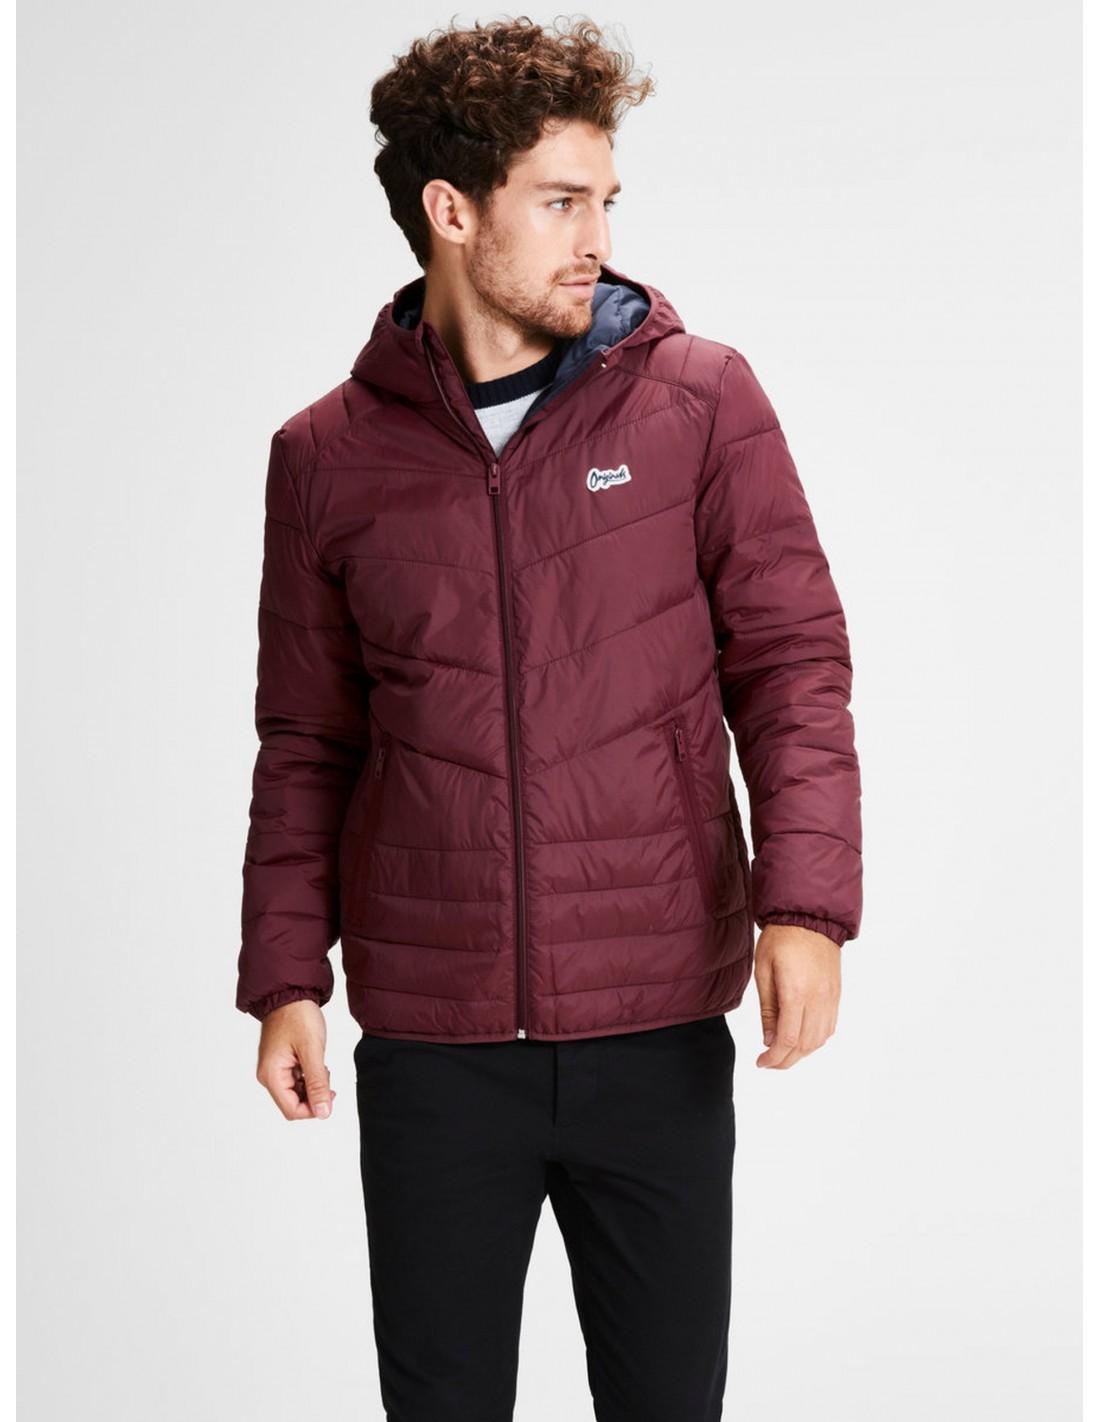 9edaec843fc chaqueta-acolchada-con -capucha-jack-and-jones-en-color-burdeos-port-royale.jpg